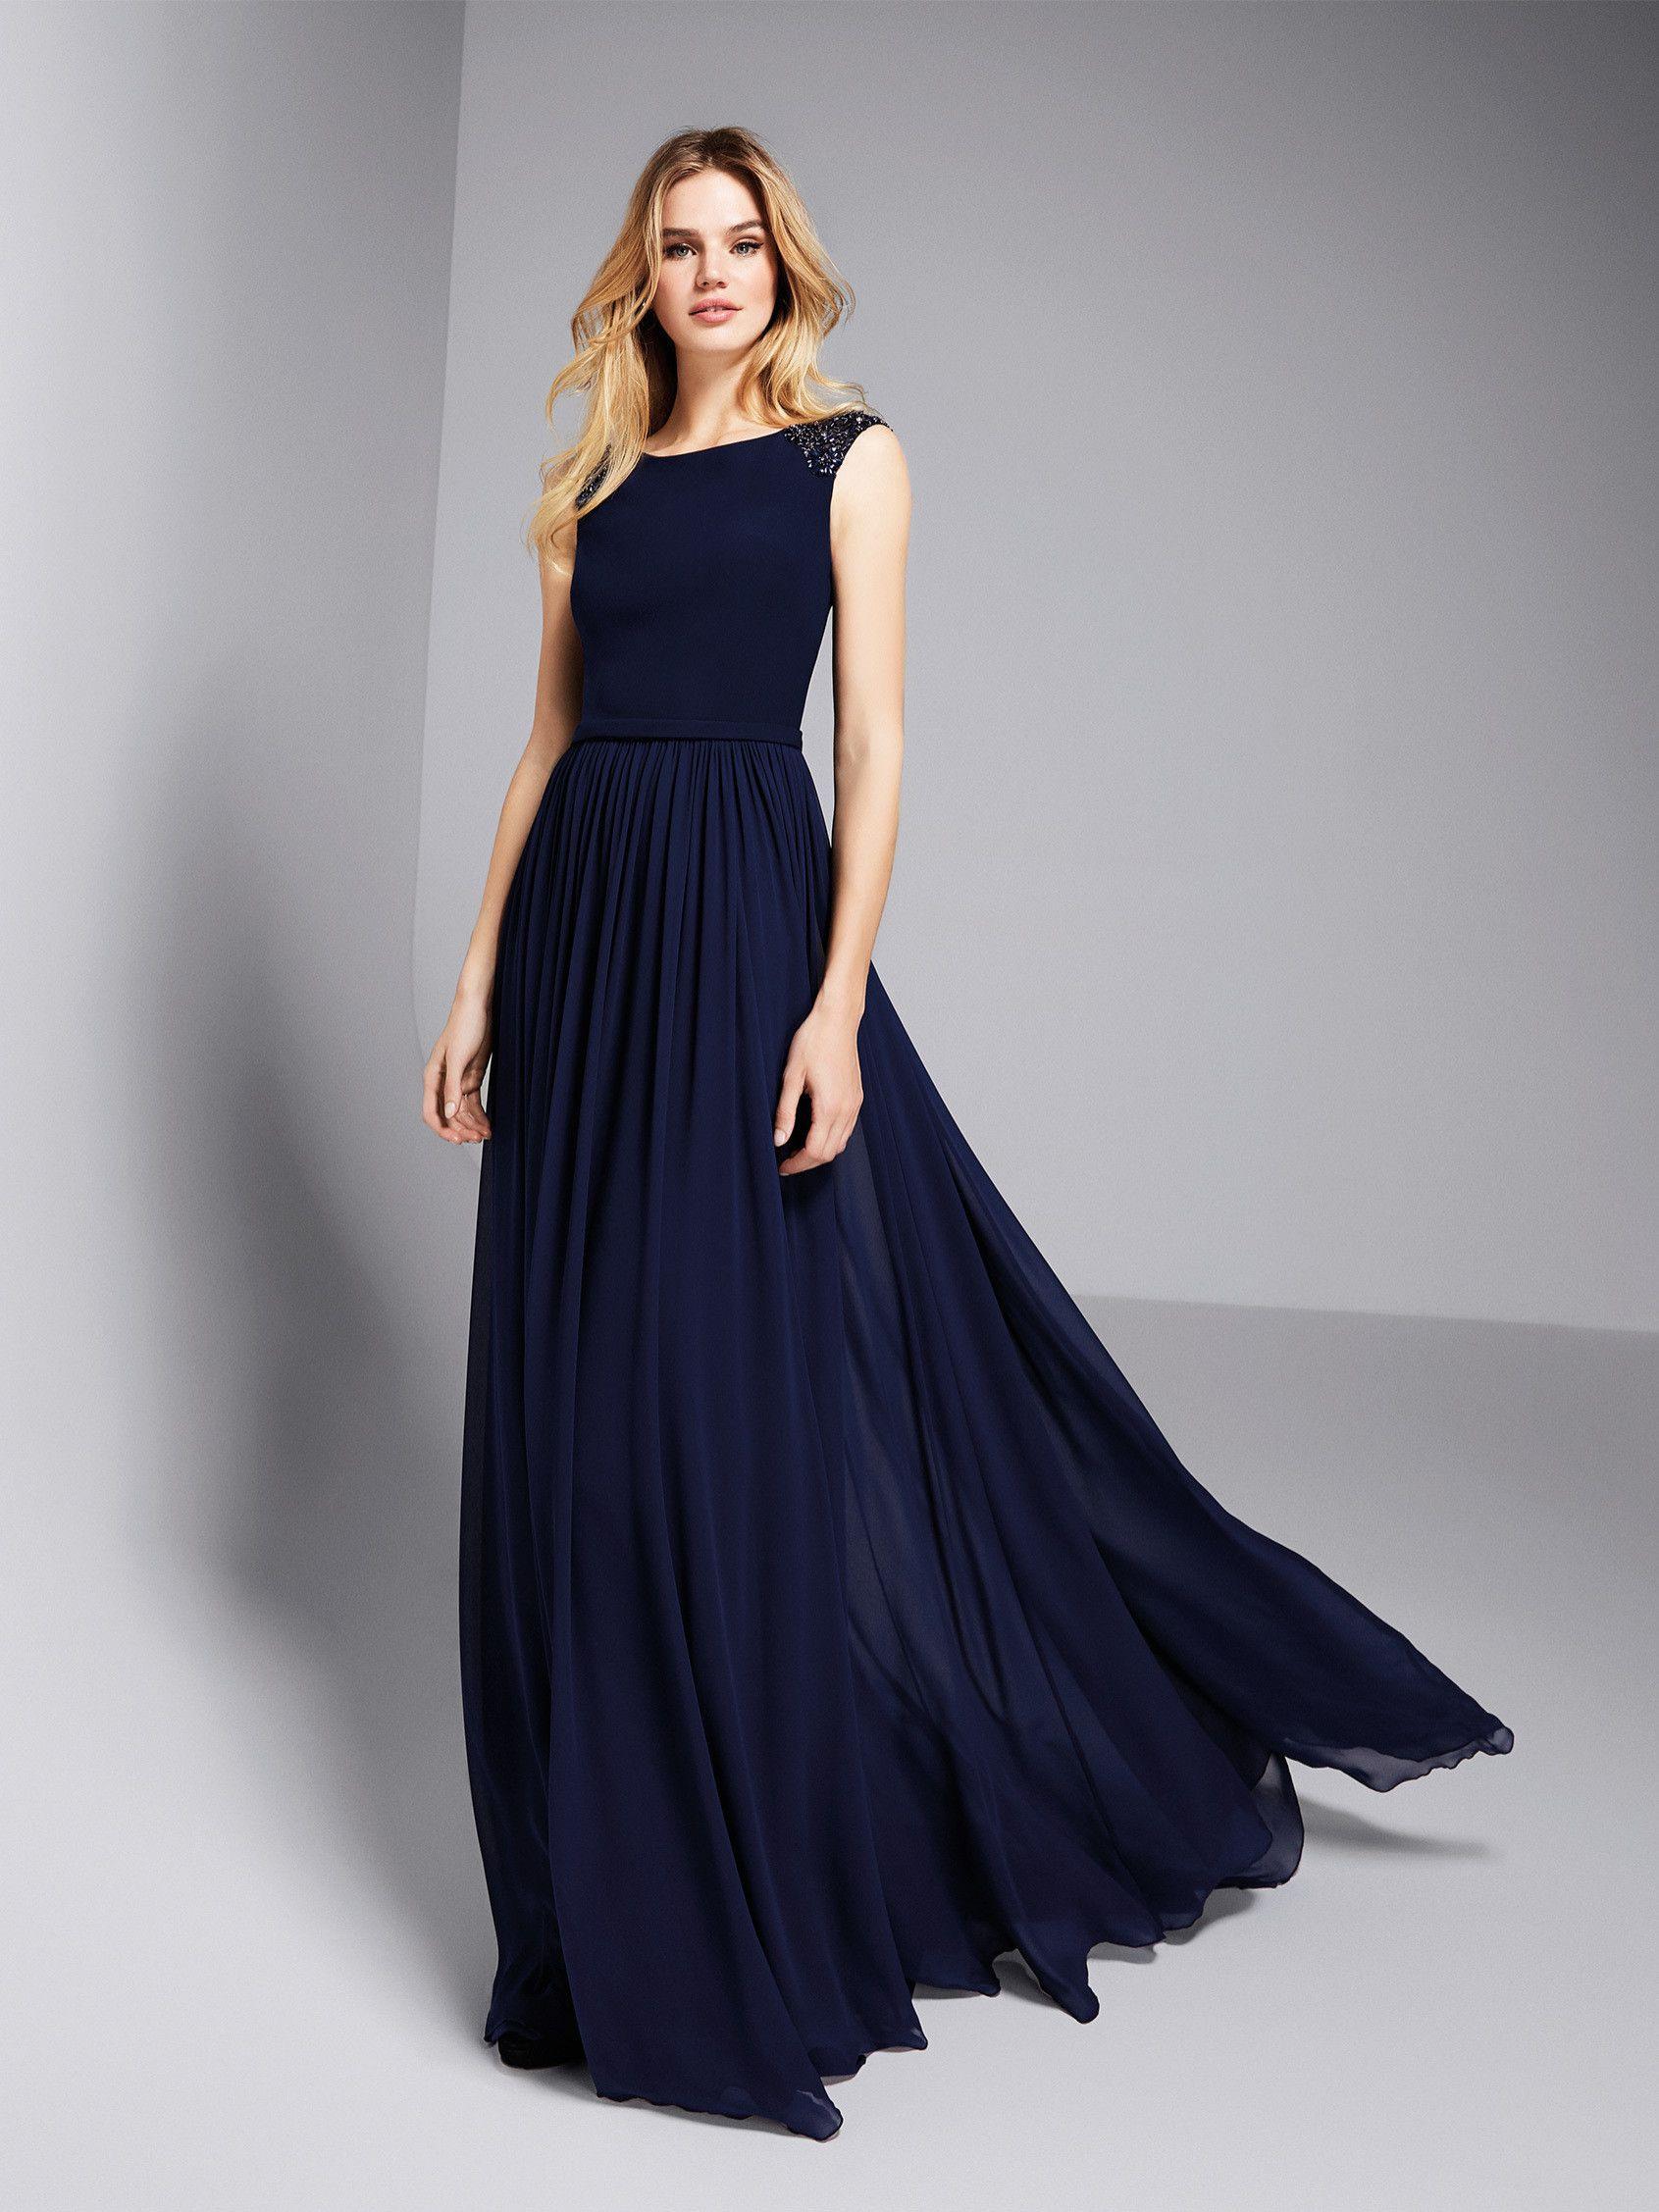 20 Elegant Elegantes Abendkleid StylishDesigner Schön Elegantes Abendkleid Design